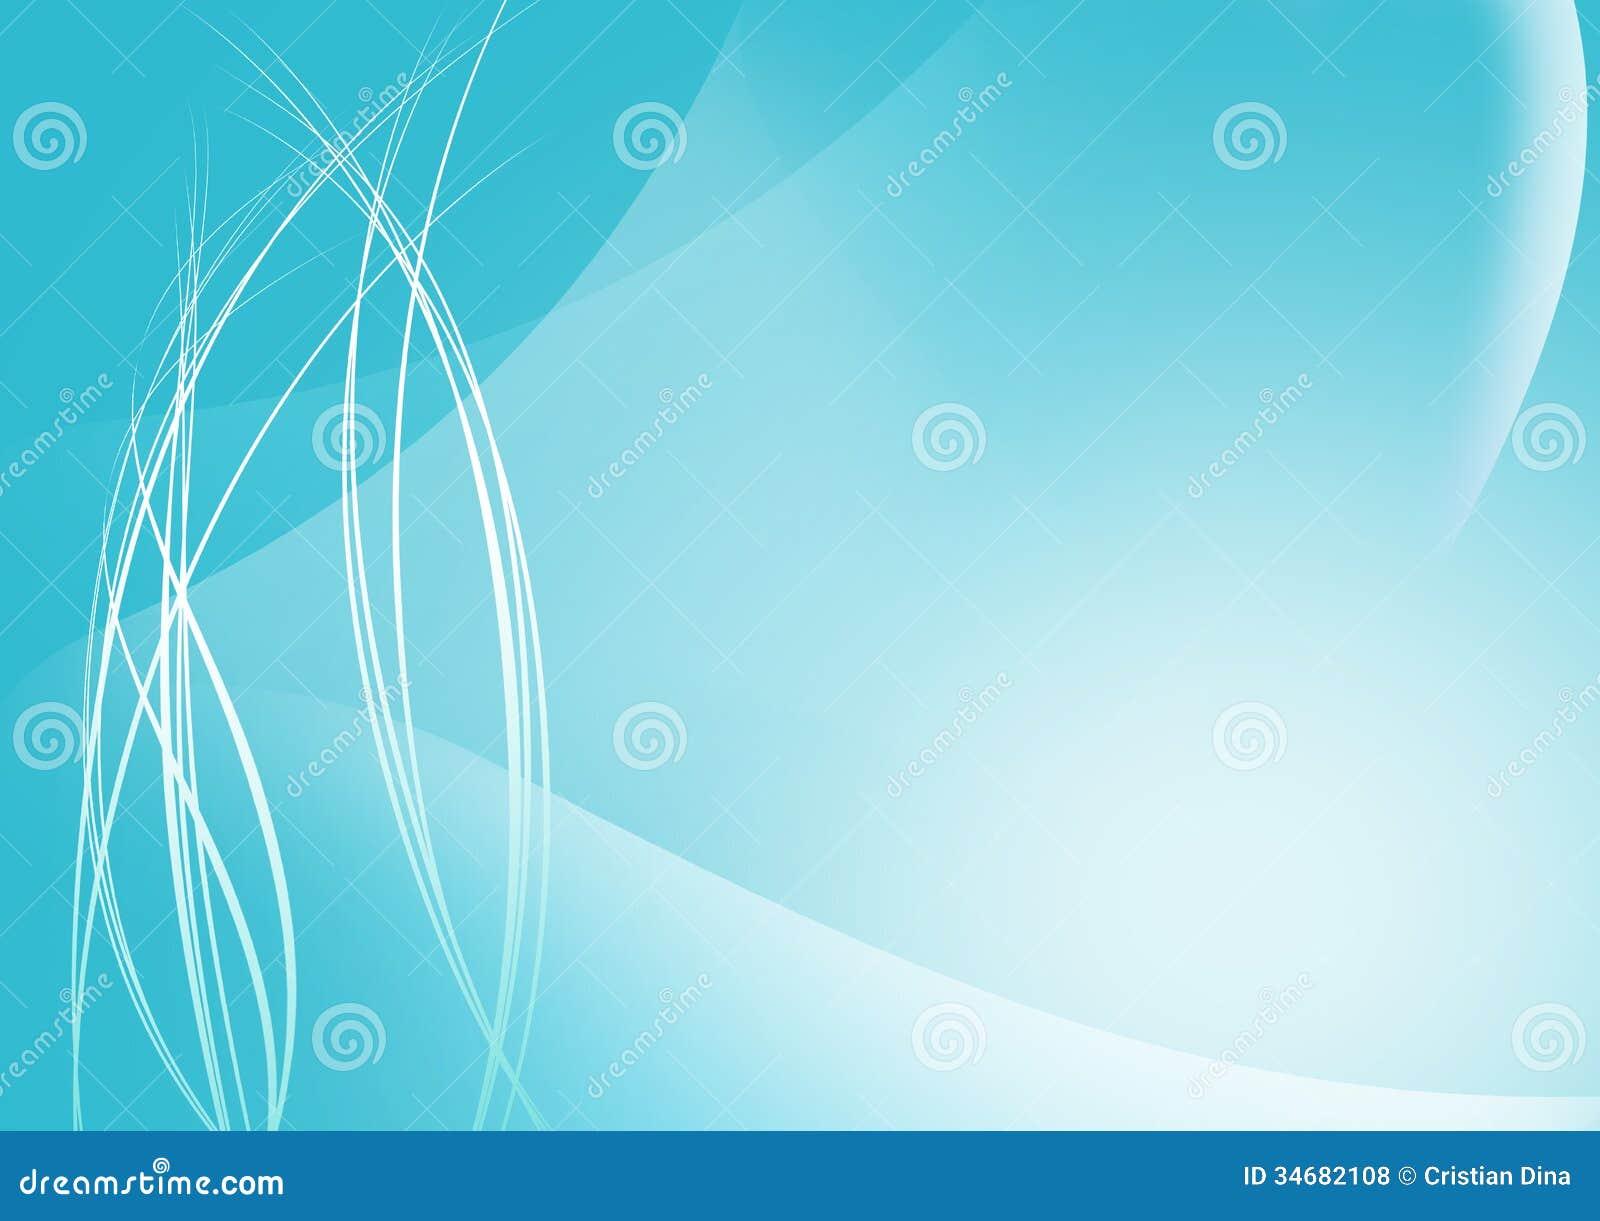 Unduh 830 Background Biru Cmyk HD Gratis